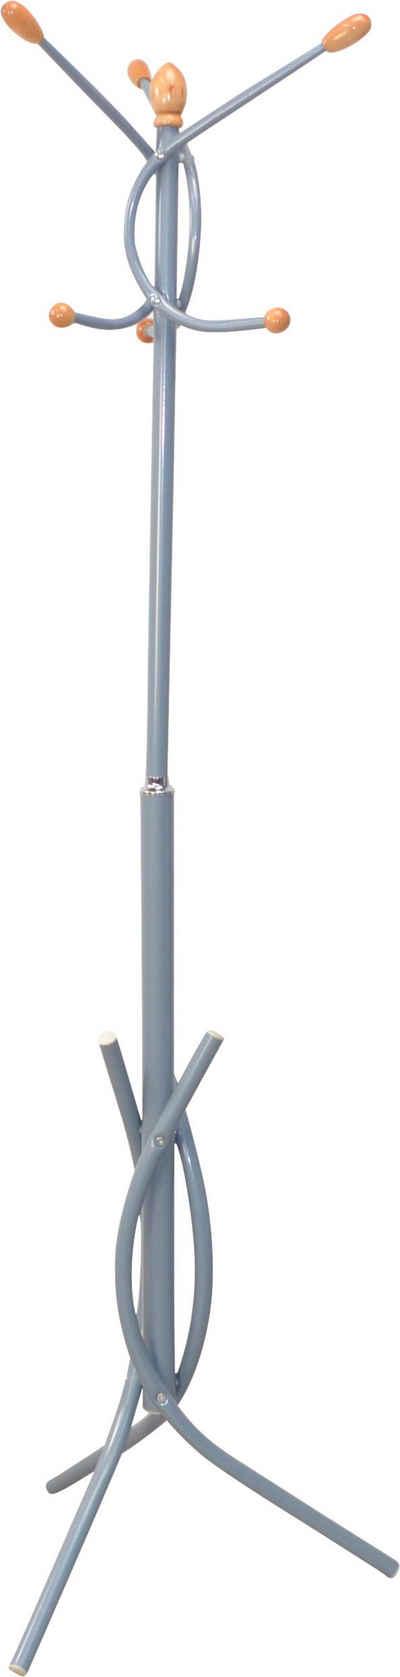 Garderobenständer, aus Metall, Höhe 175 cm, 6 Haken